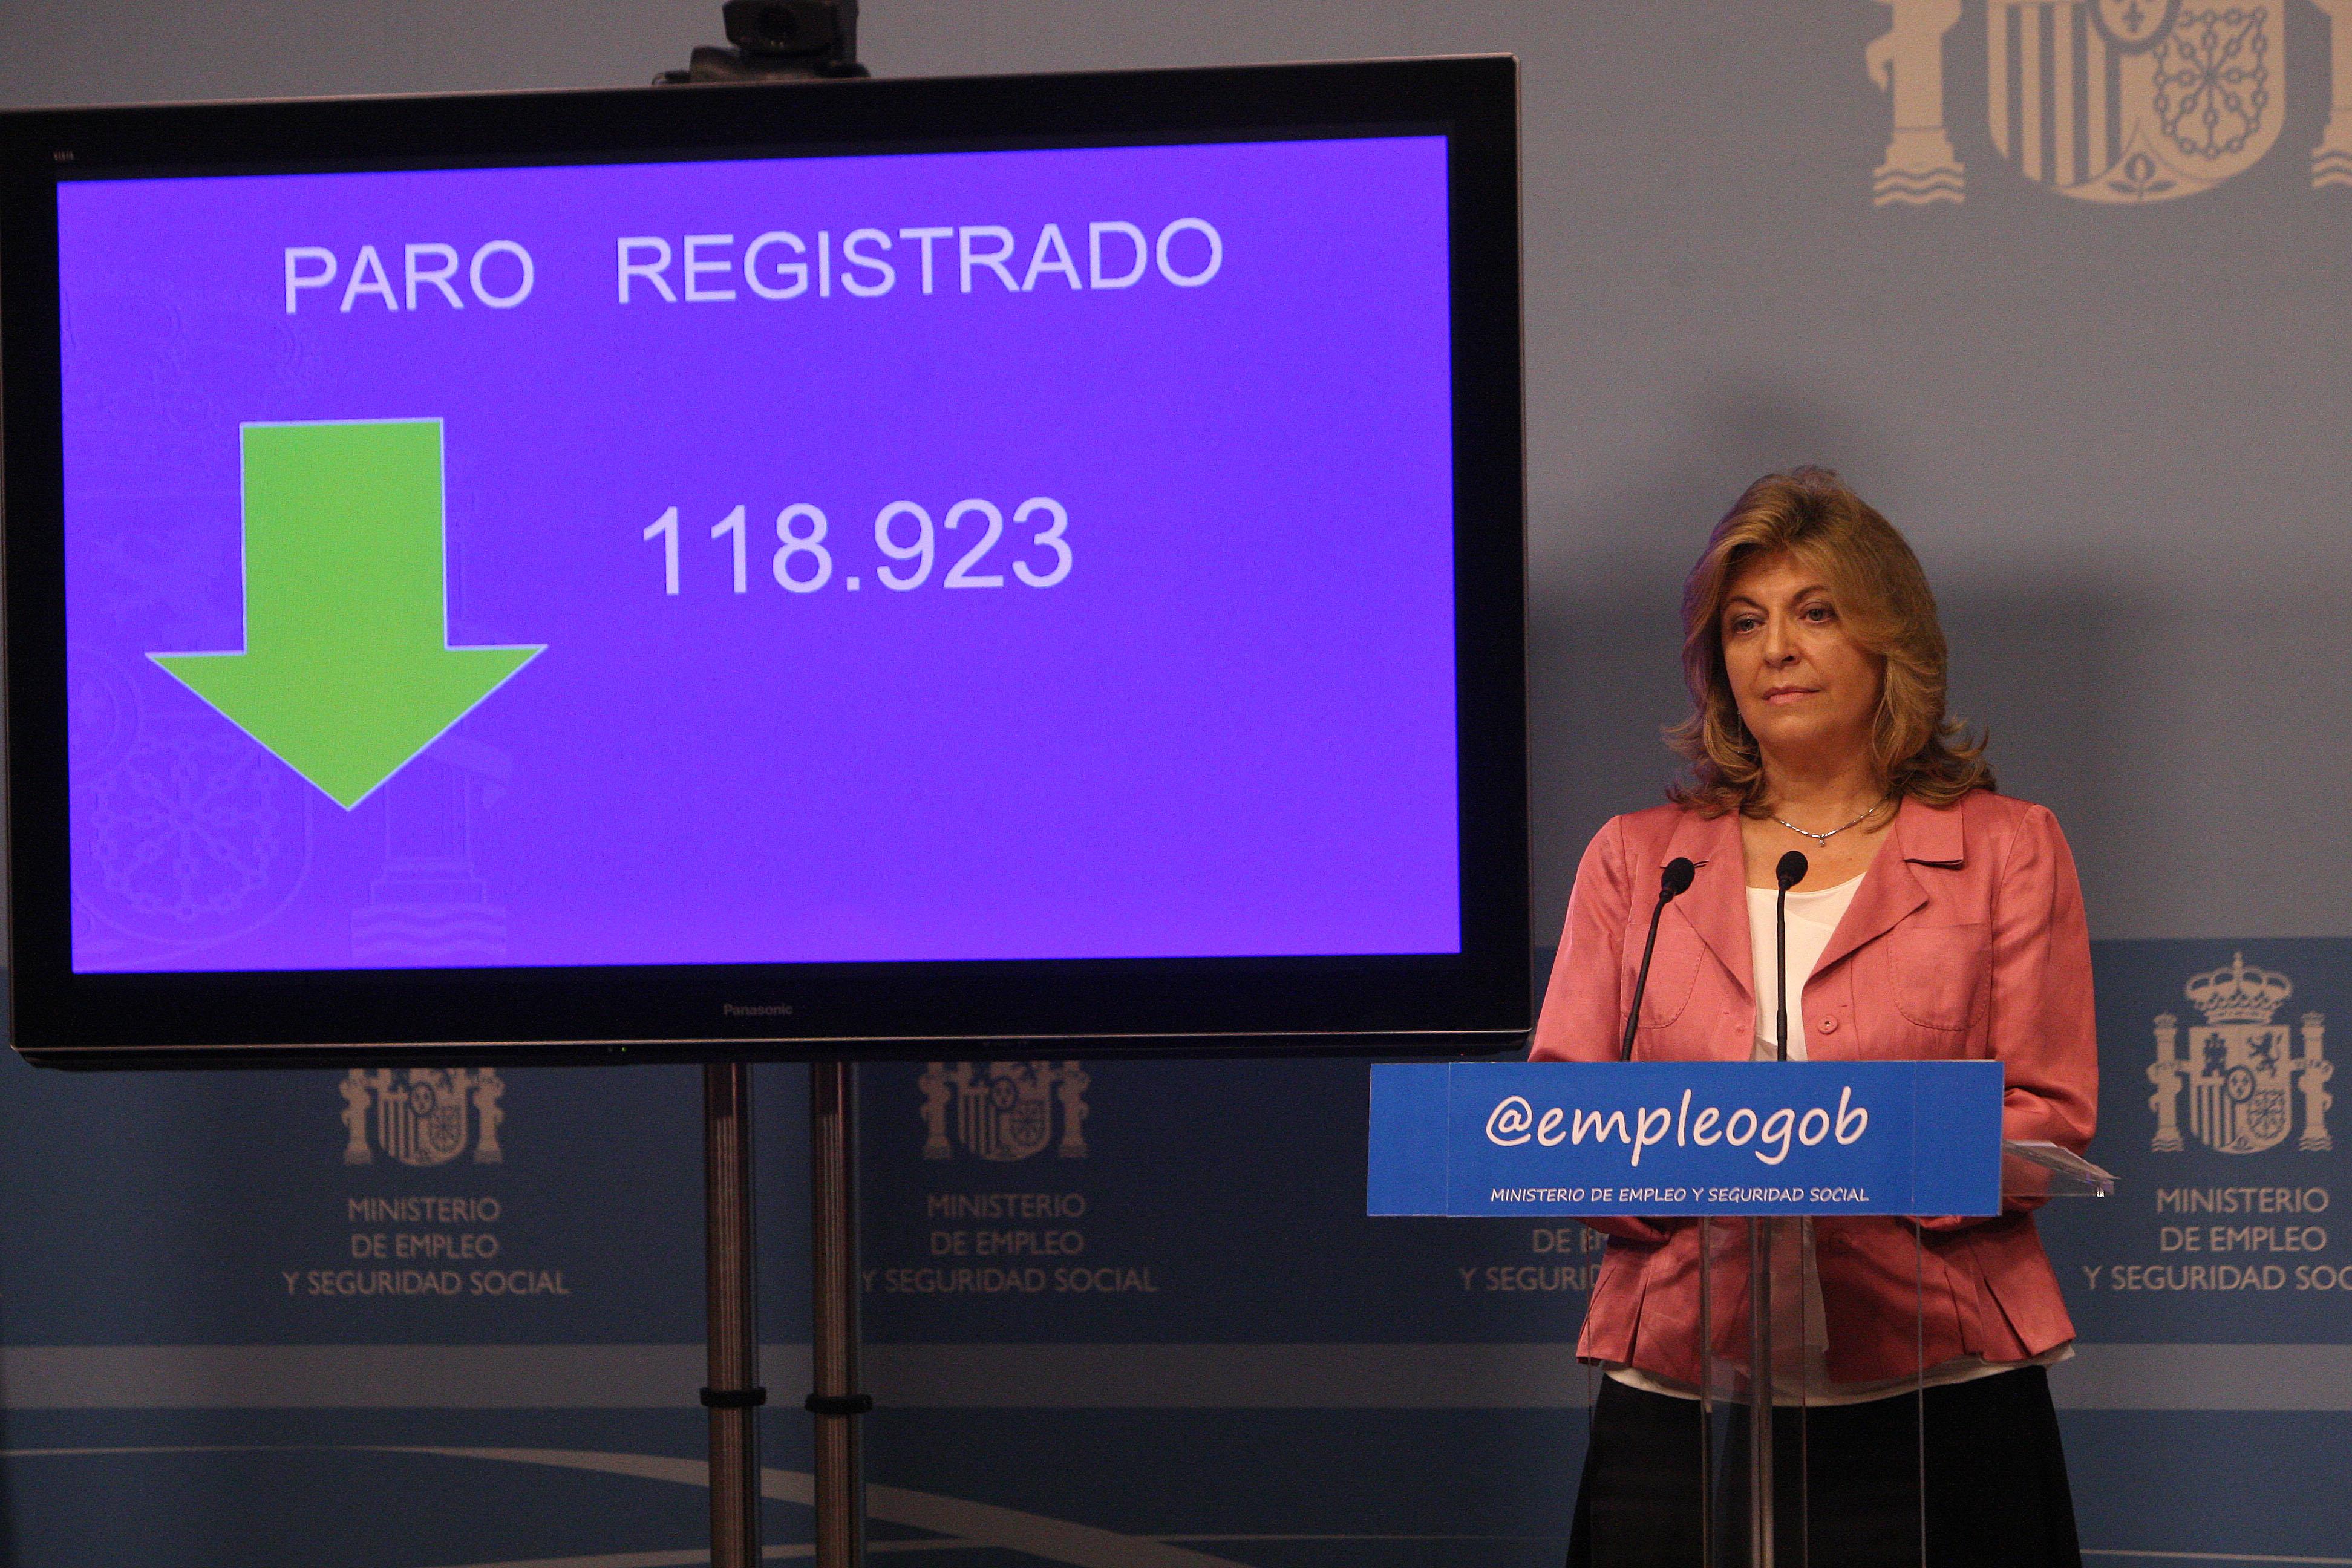 El número de desempleados registrados se sitúa en 4.333.016 personas